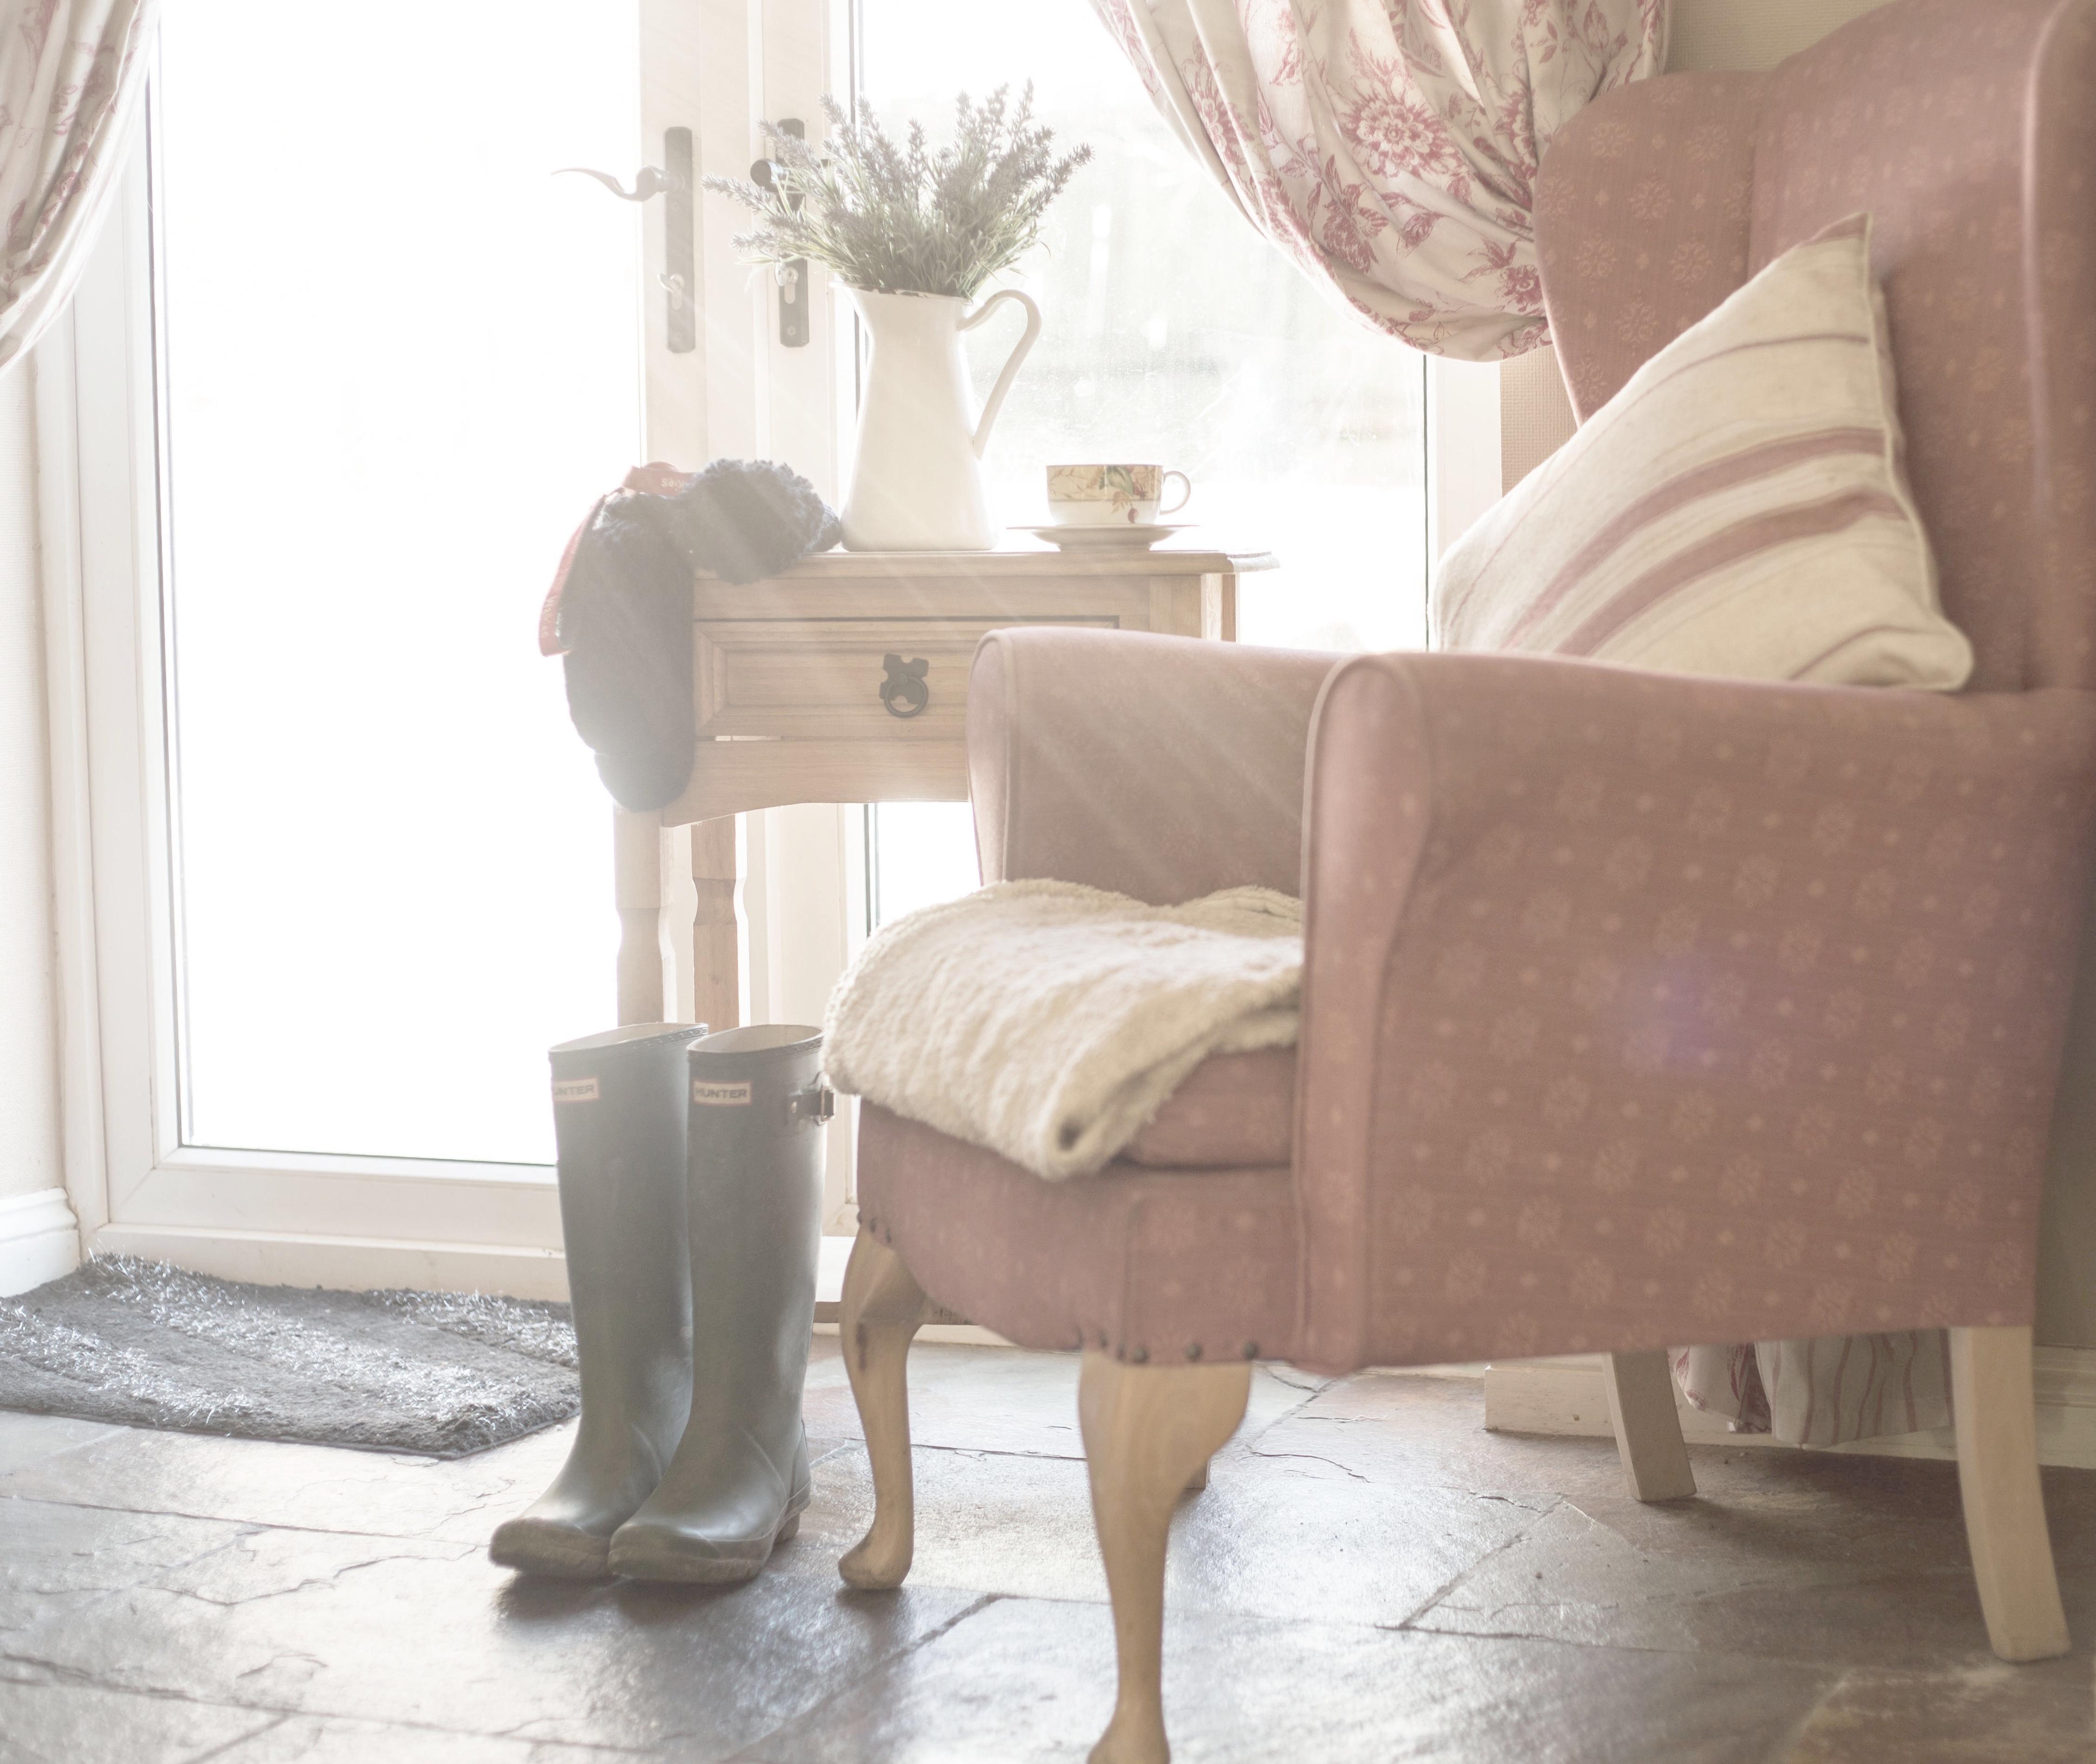 bodenbelag wohnzimmer hund, hintergrundbilder : fenster, blumen, zimmer, bett, winter, tabelle, Design ideen